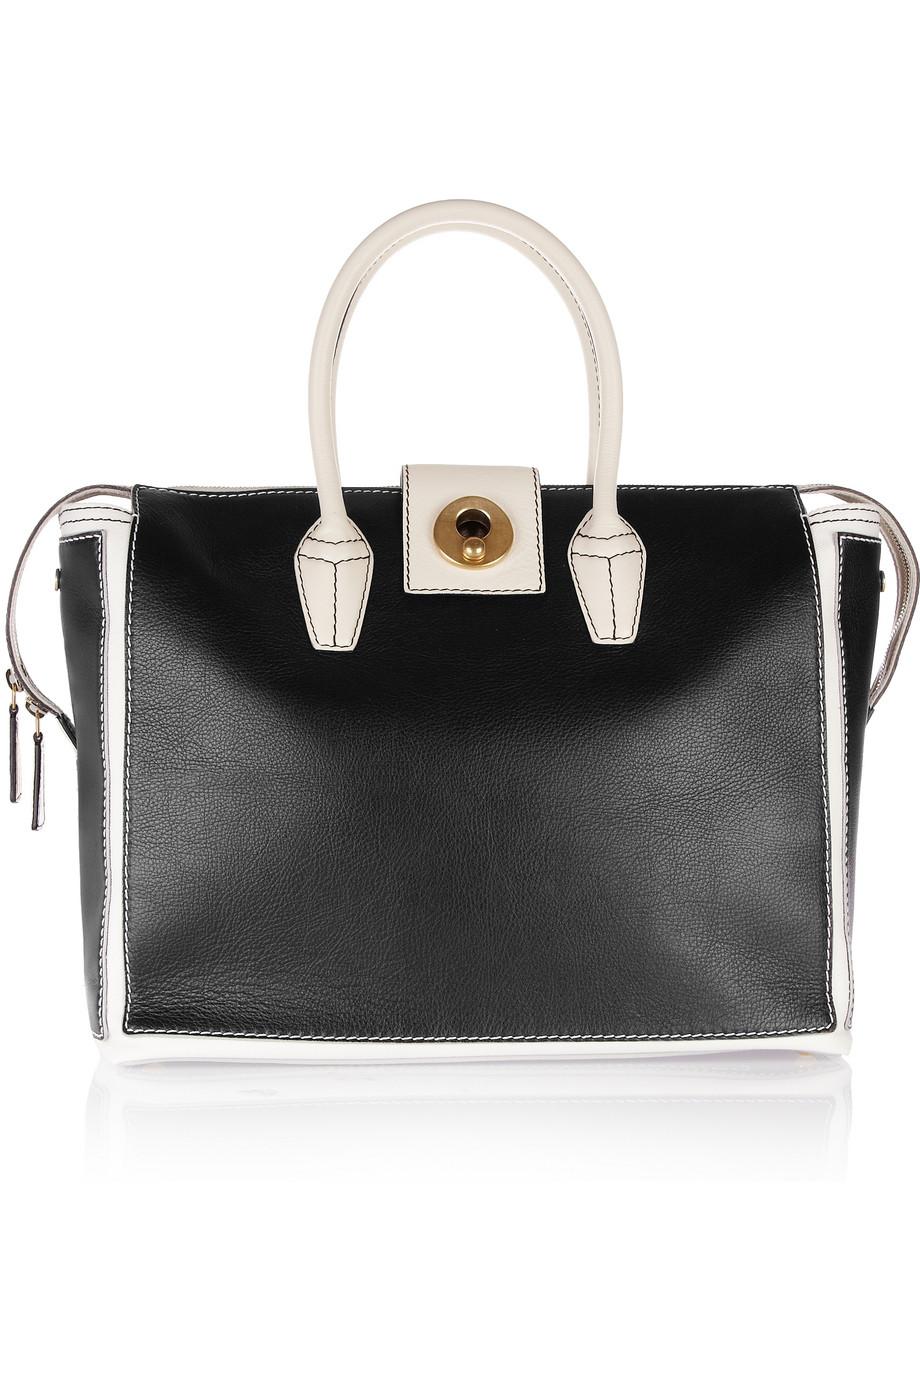 ysl purses sale - yves saint laurent tricolor cabas muse two shopper, yves saint ...